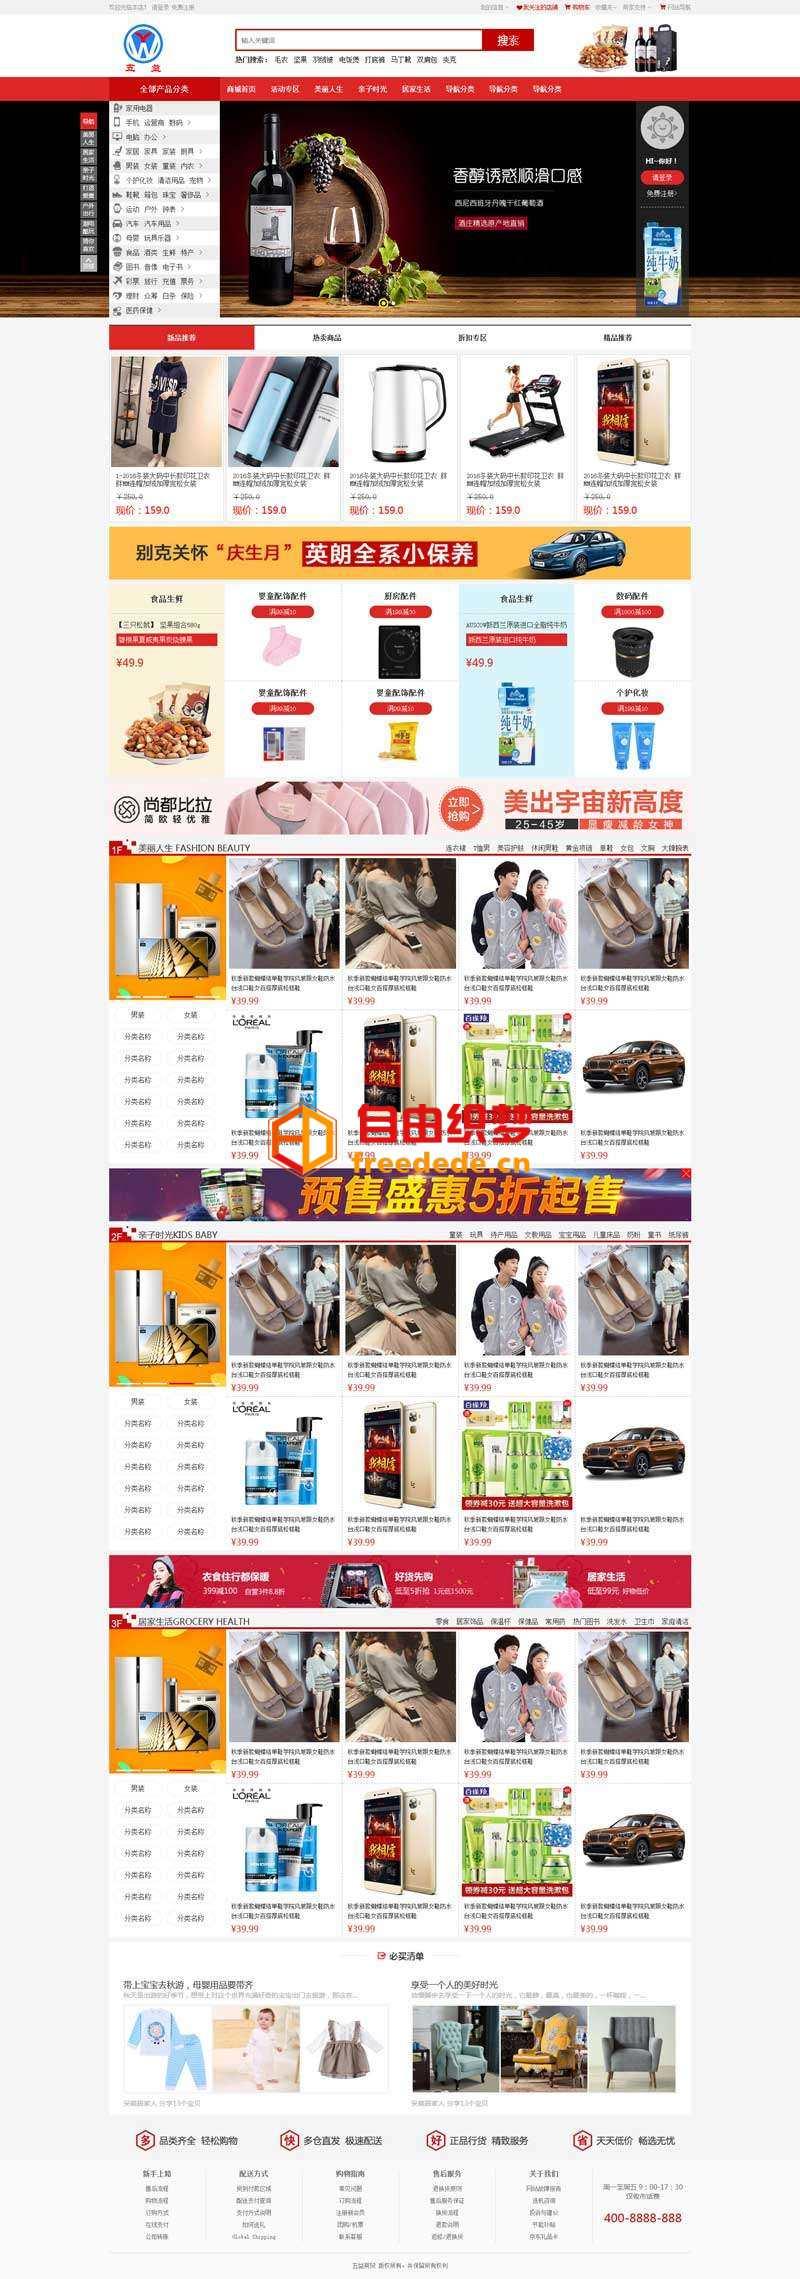 爱上源码网文章pc端商贸商城网页模板的内容插图